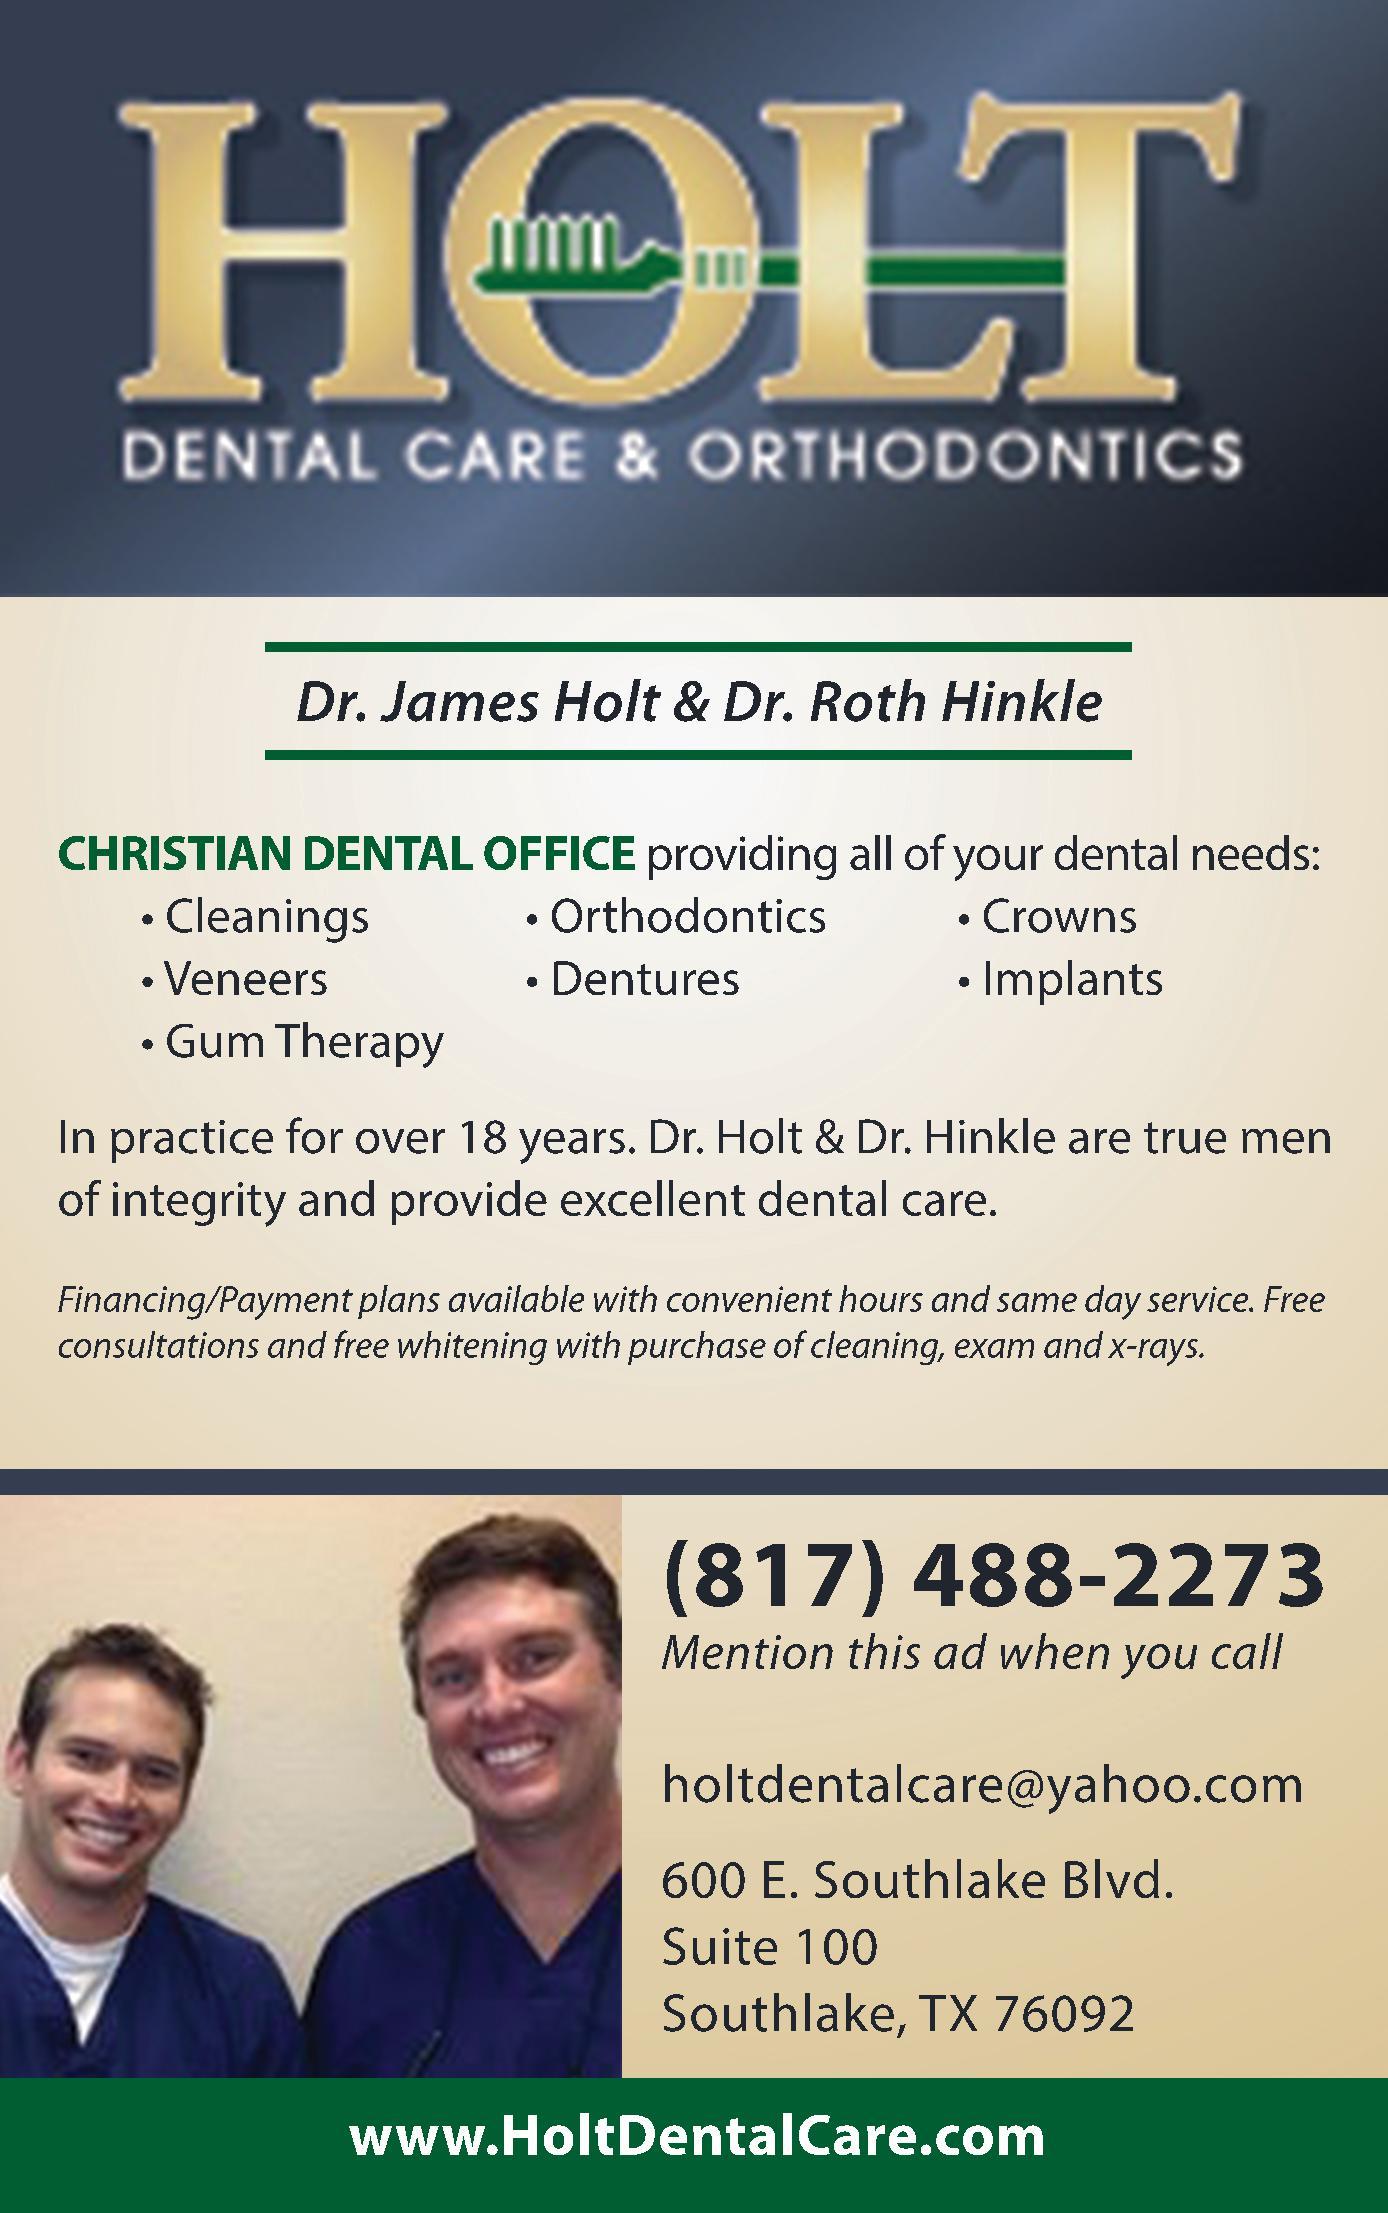 Holt Dental Care